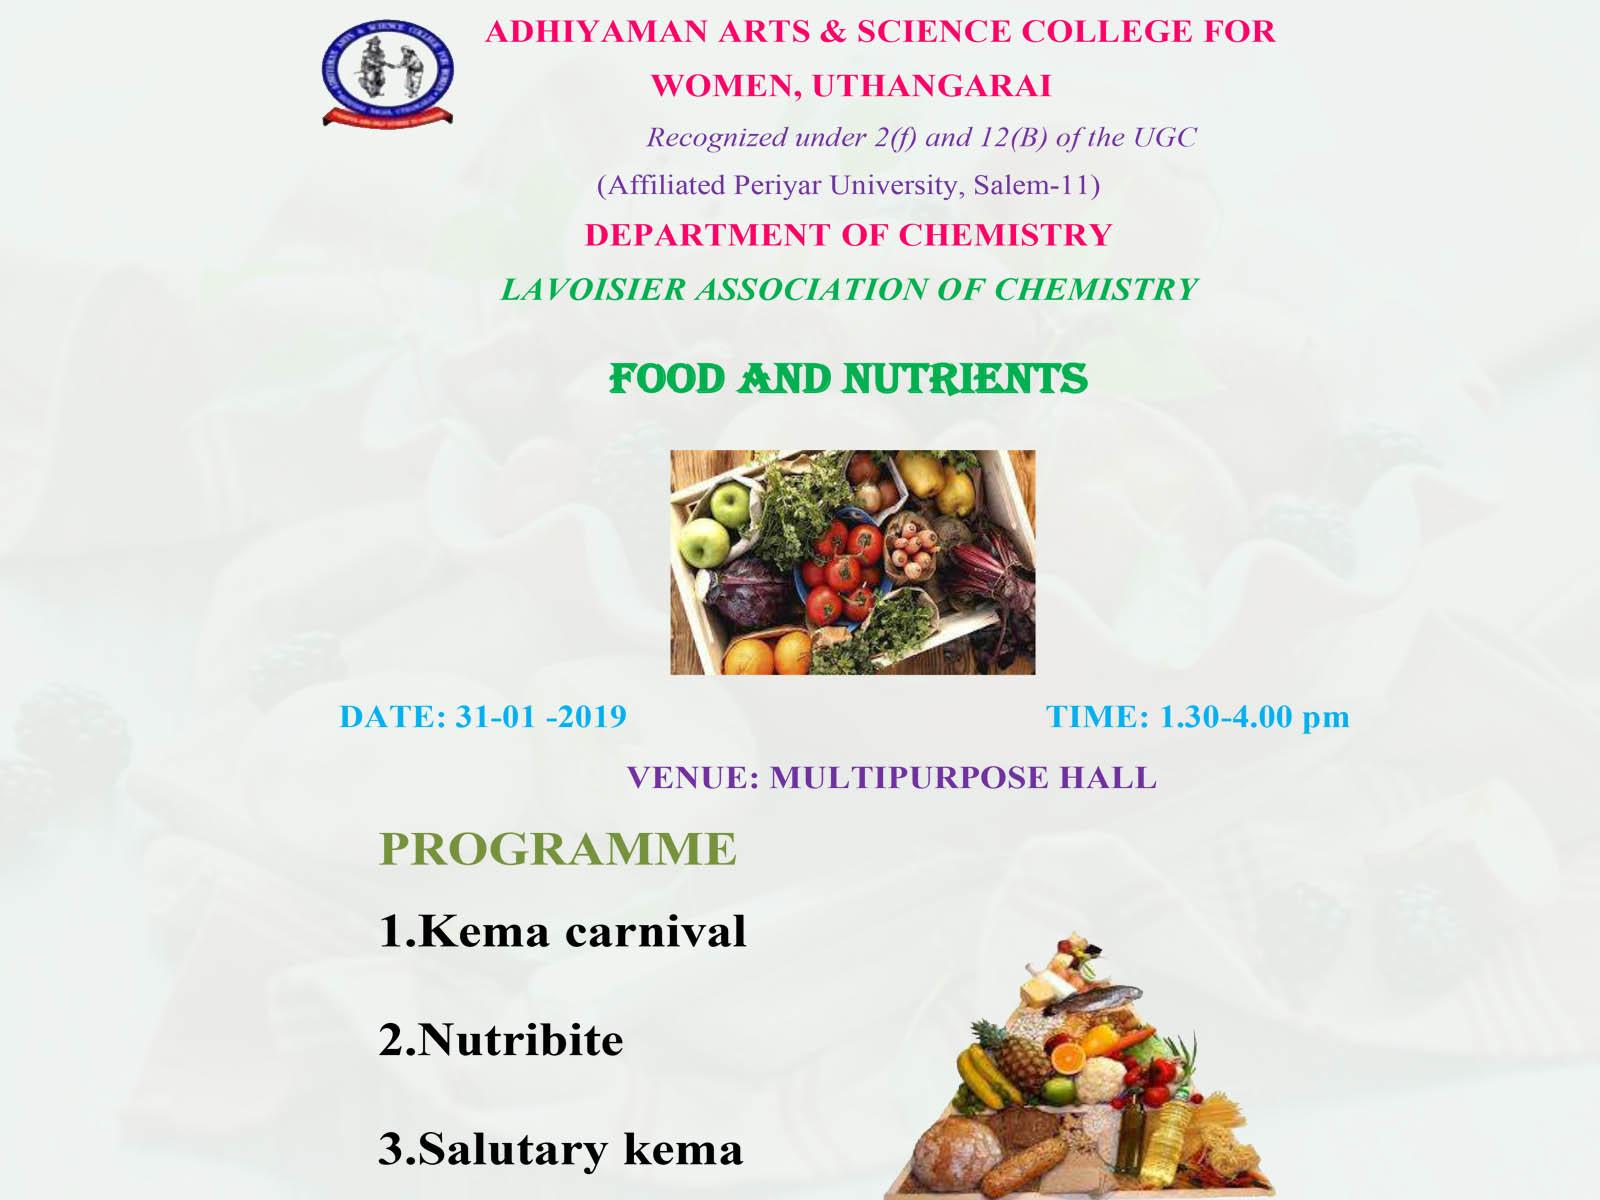 Food & Nutrients